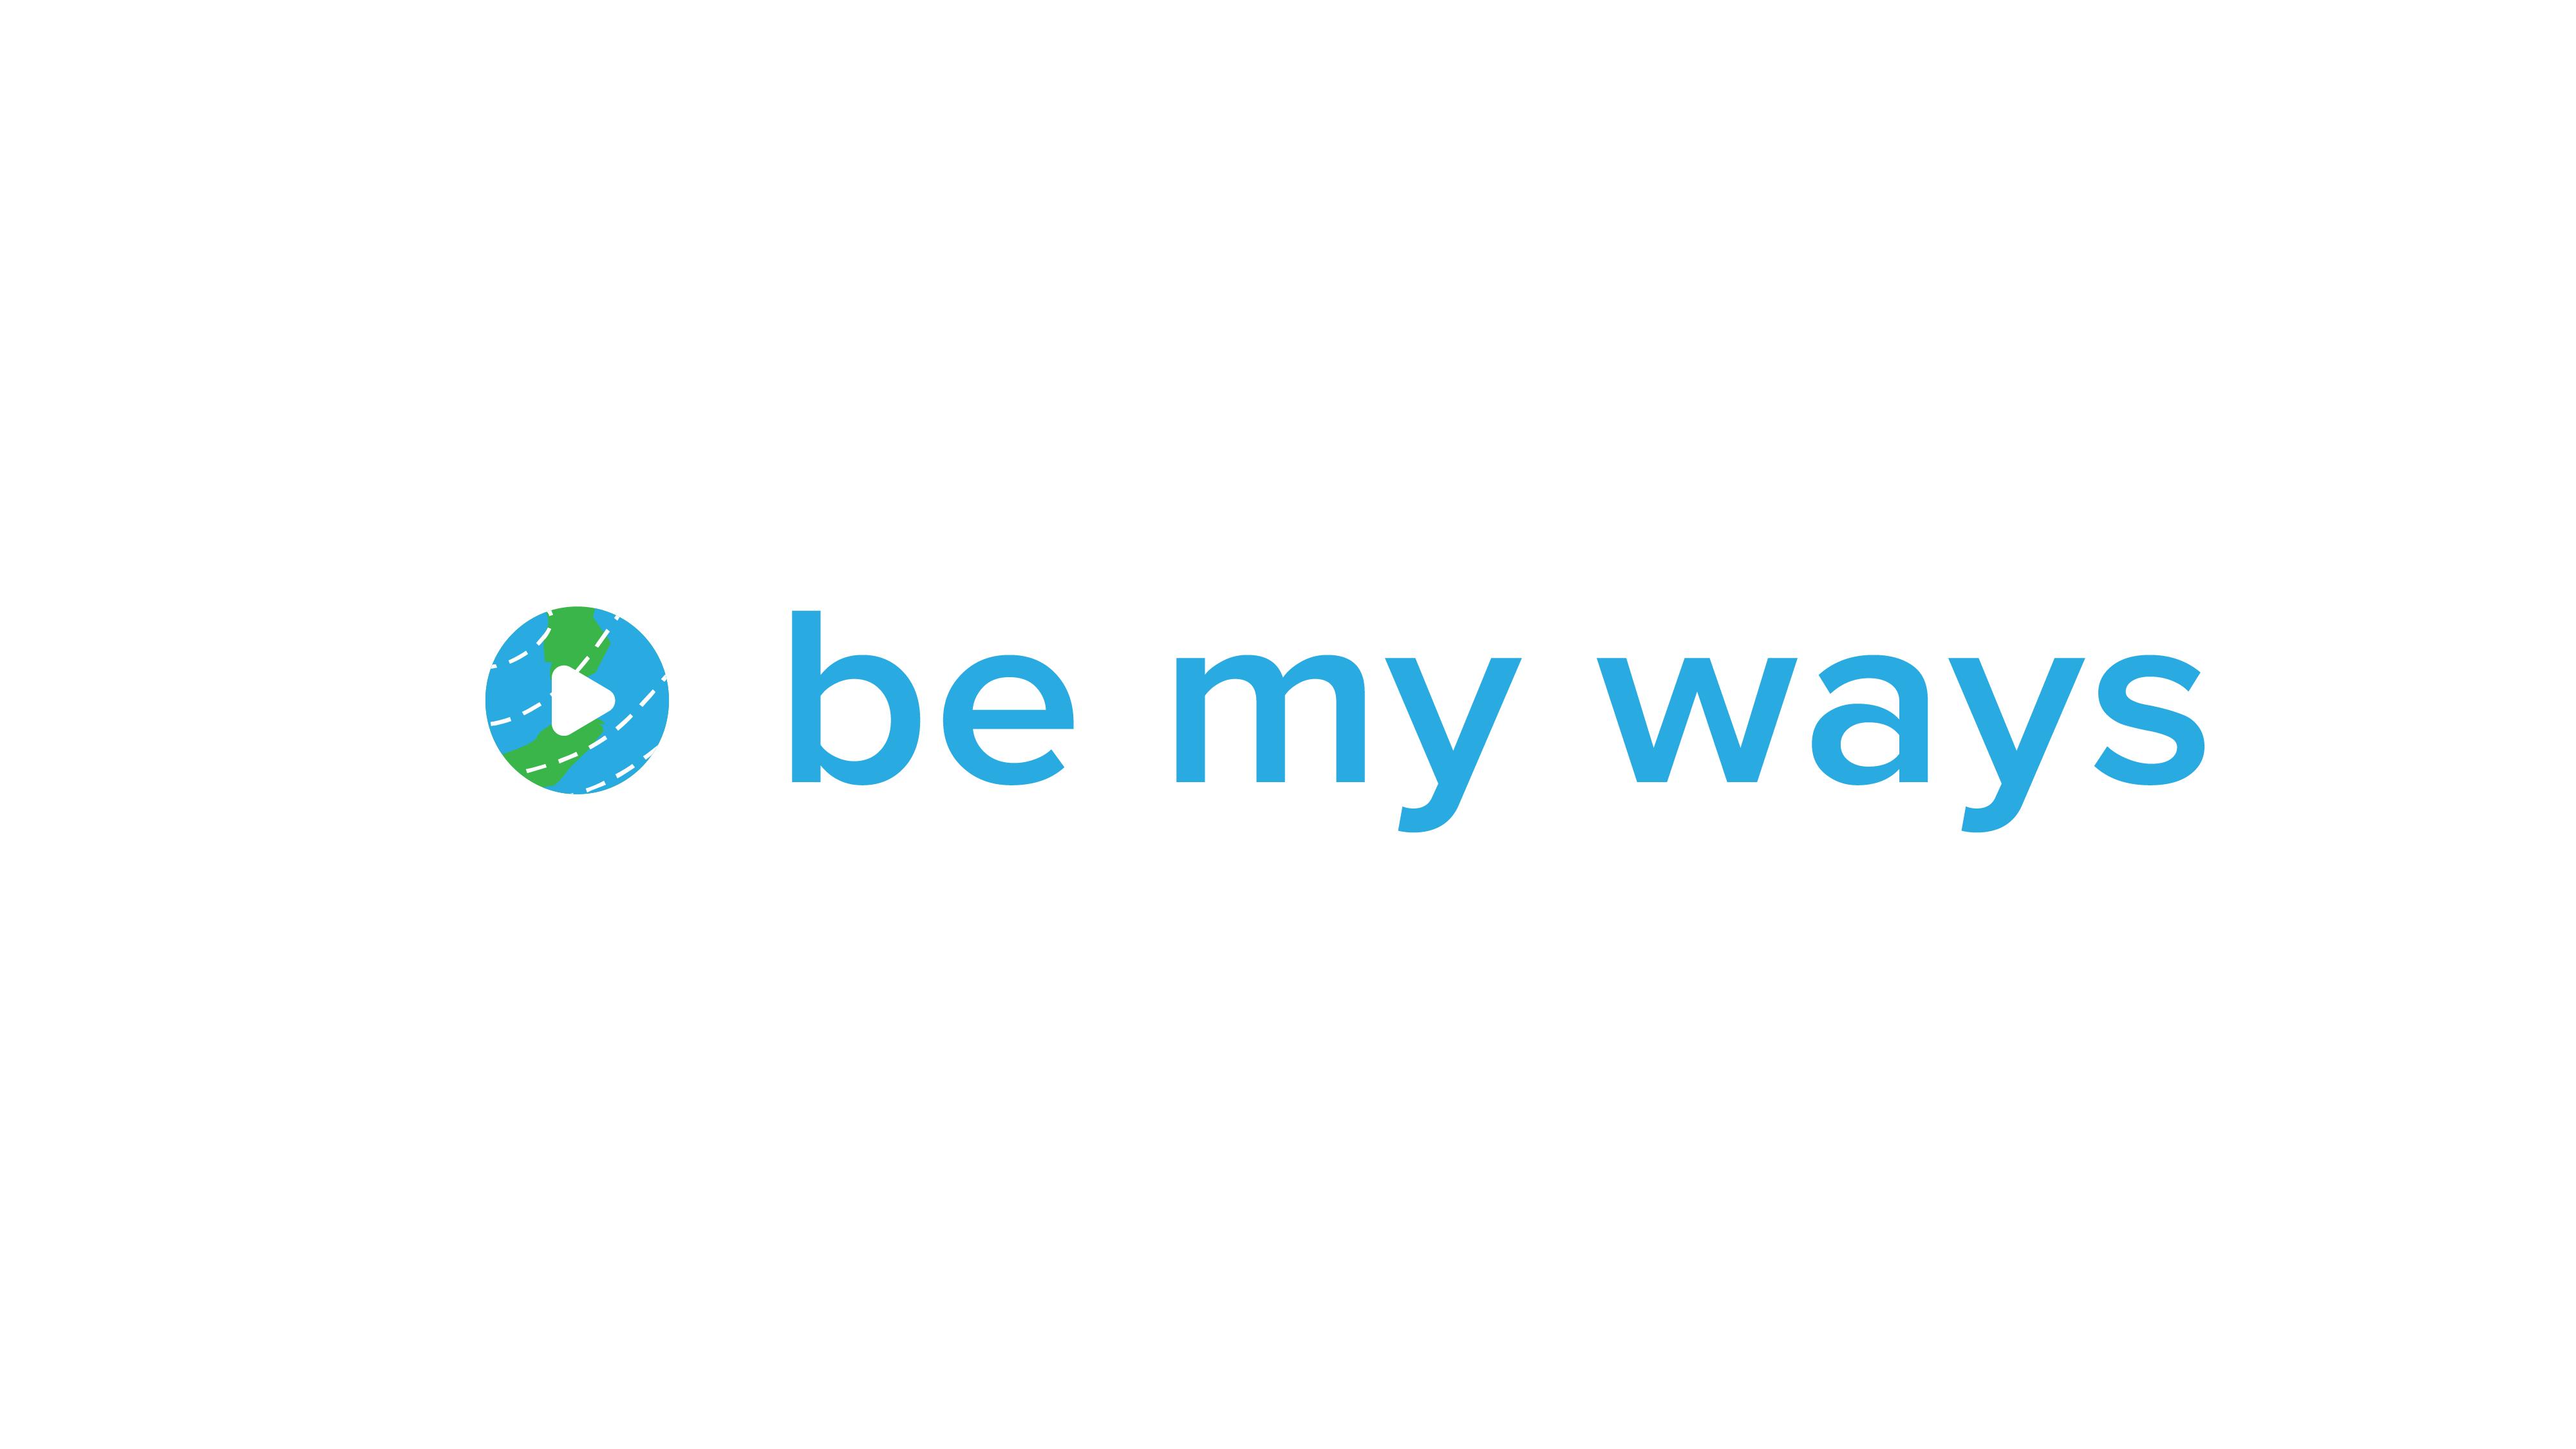 Разработка логотипа и иконки для Travel Video Platform фото f_9445c3ae0242fb5b.png